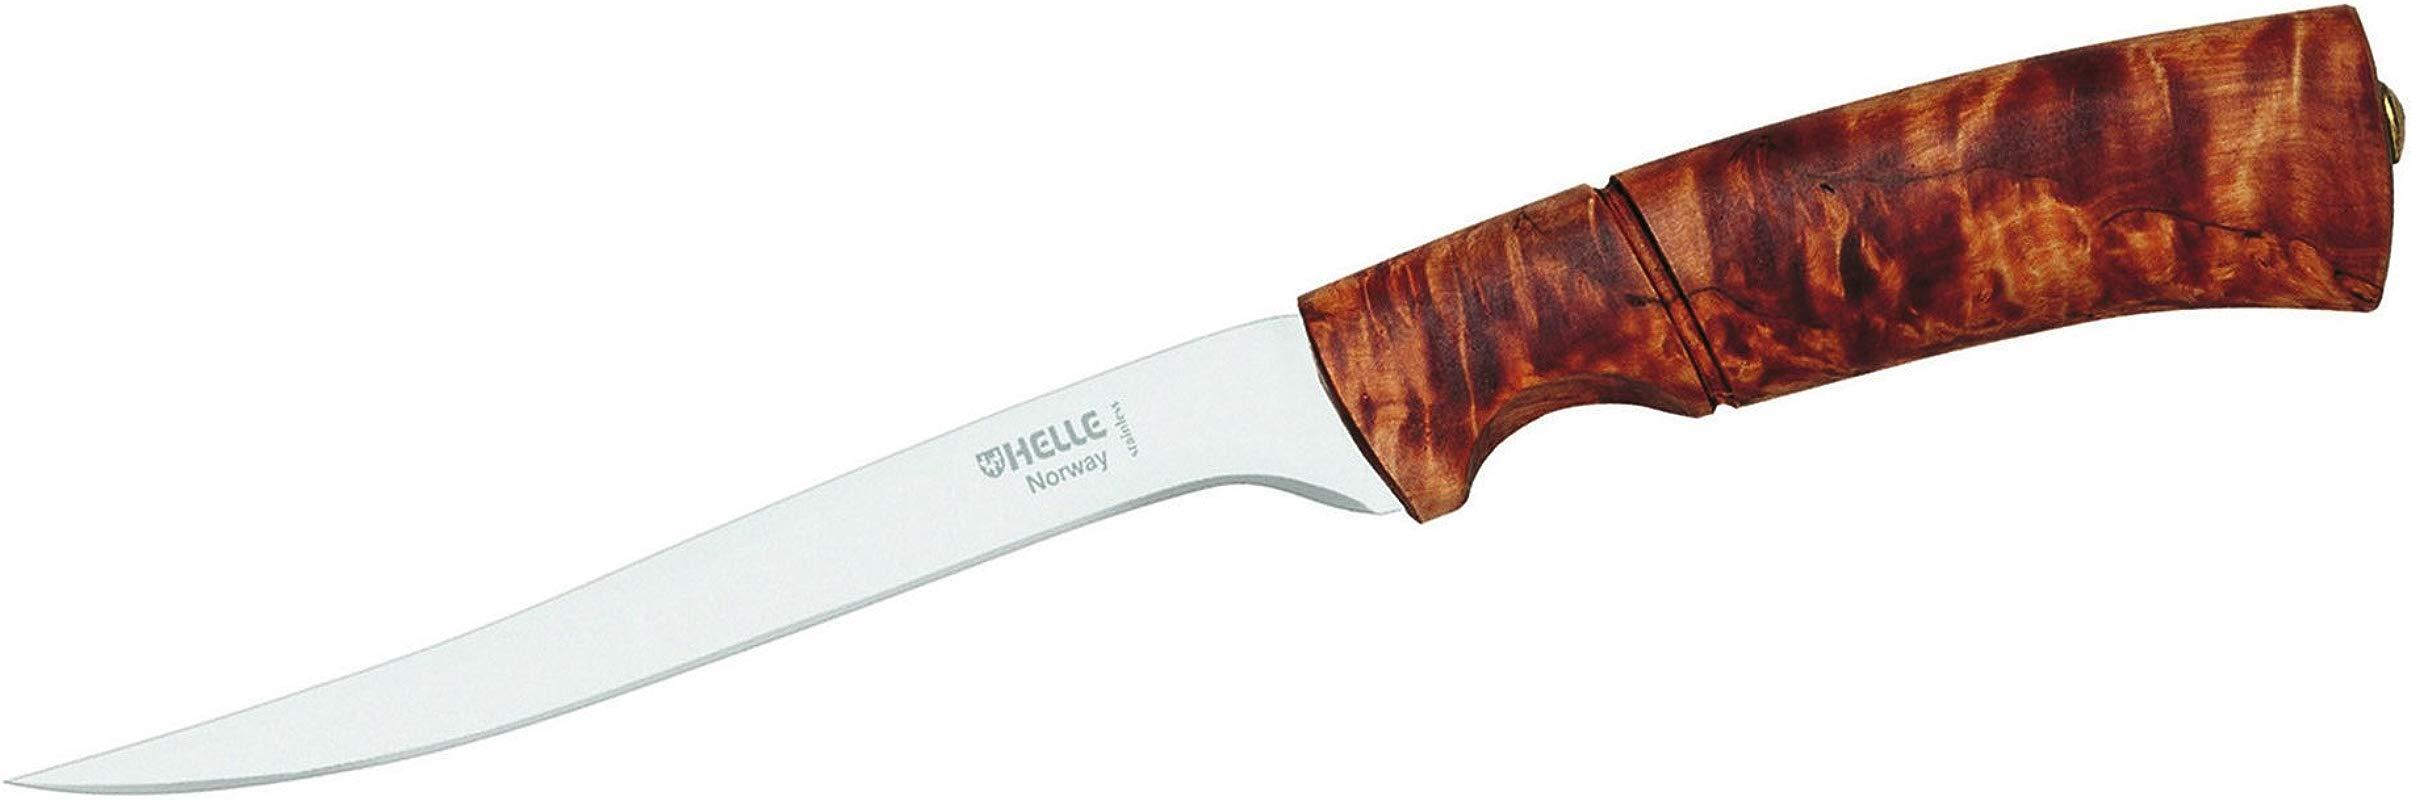 Helle Knives Steinbit Knife